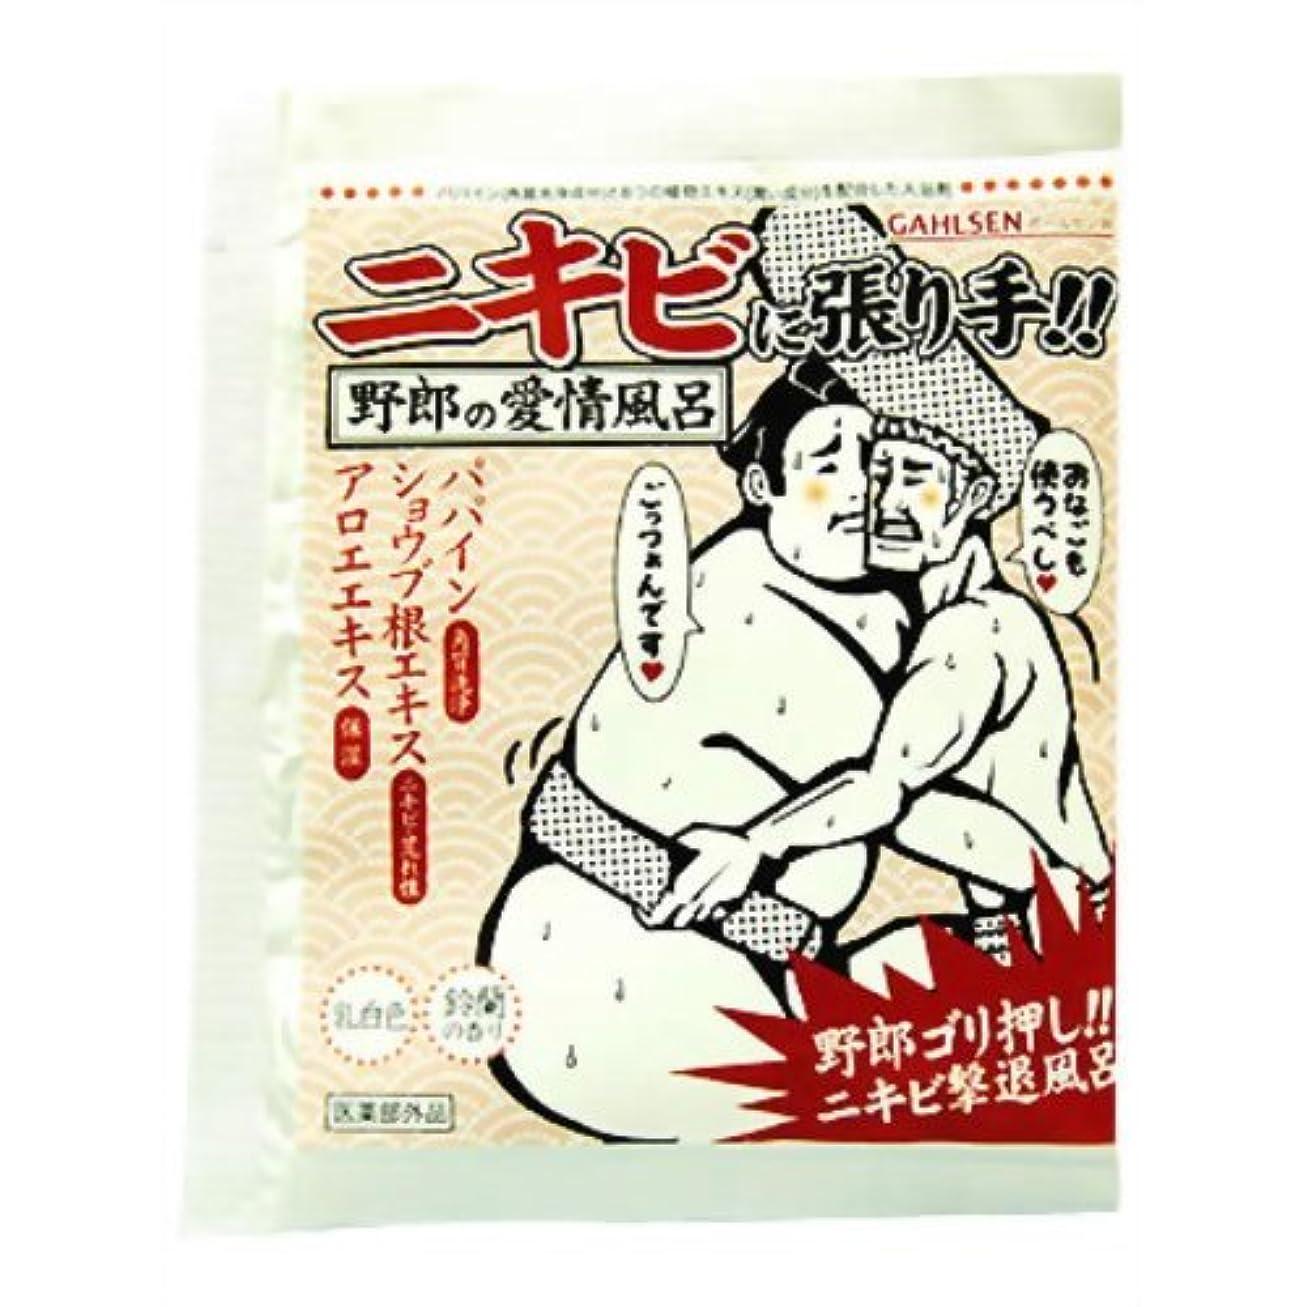 間違っているバーベキュー風味ガールセンW 25g*10袋(入浴剤)